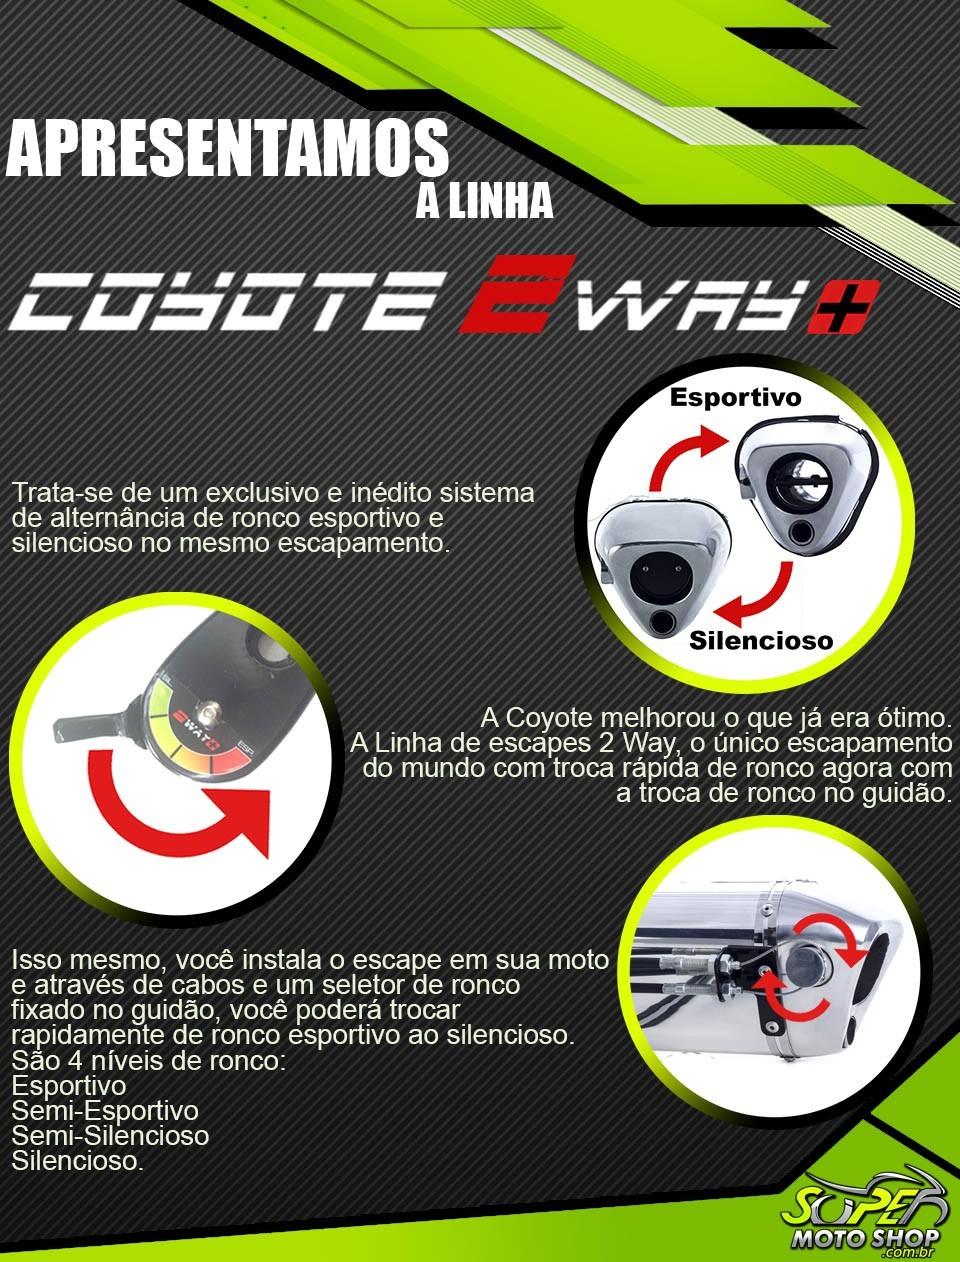 Escape / Ponteira Coyote TRS 2 Way + Mais em Alumínio - Bandit 650 2009 em diante - Suzuki